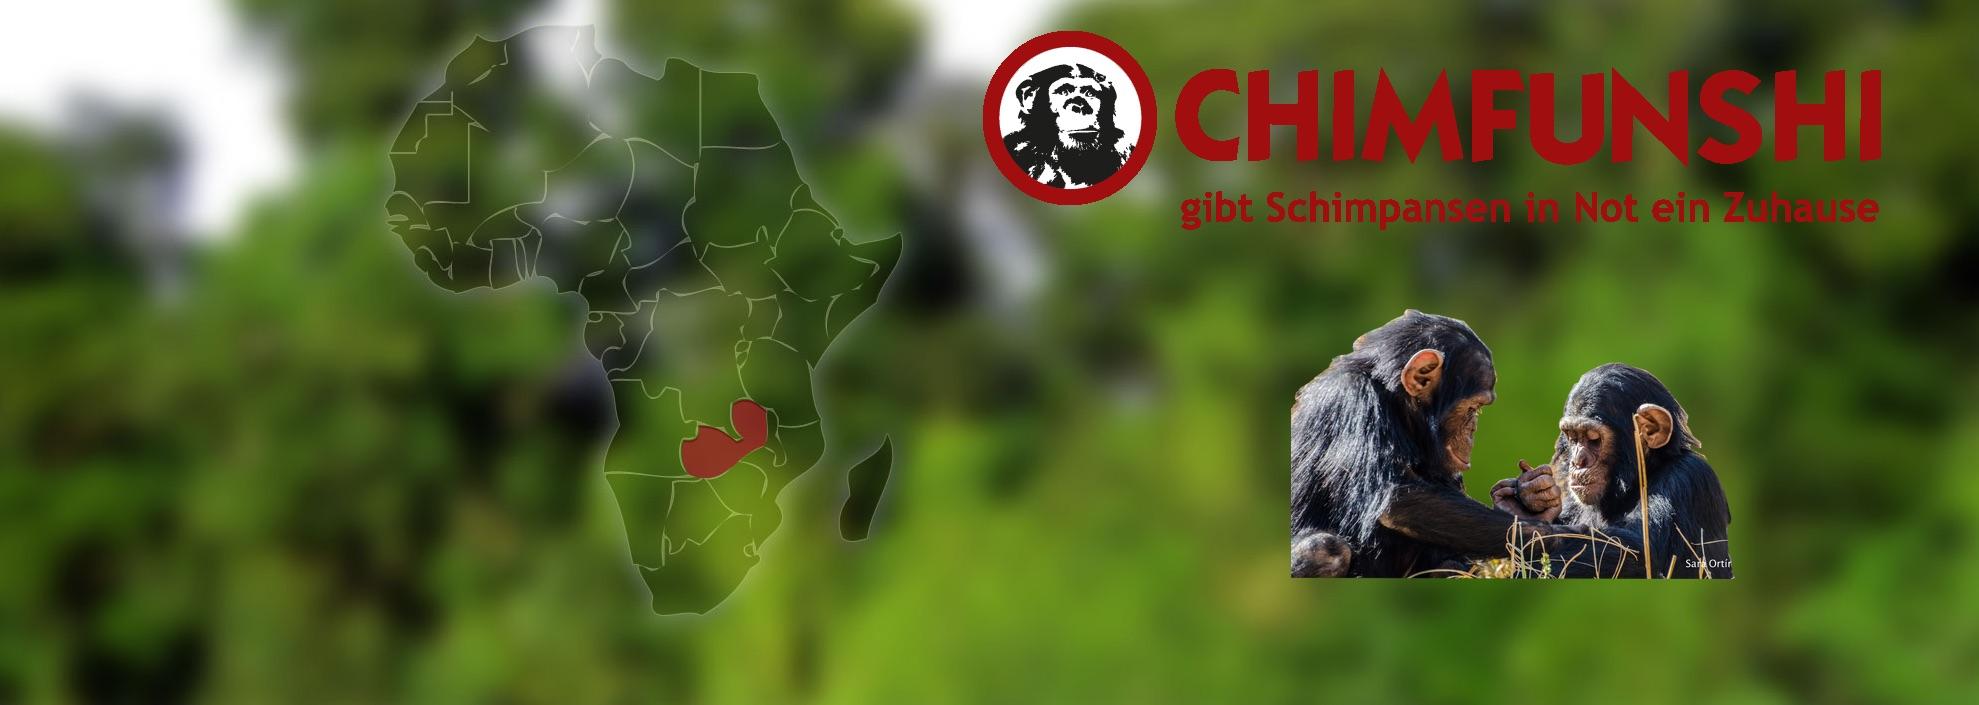 Chimpansen in Not